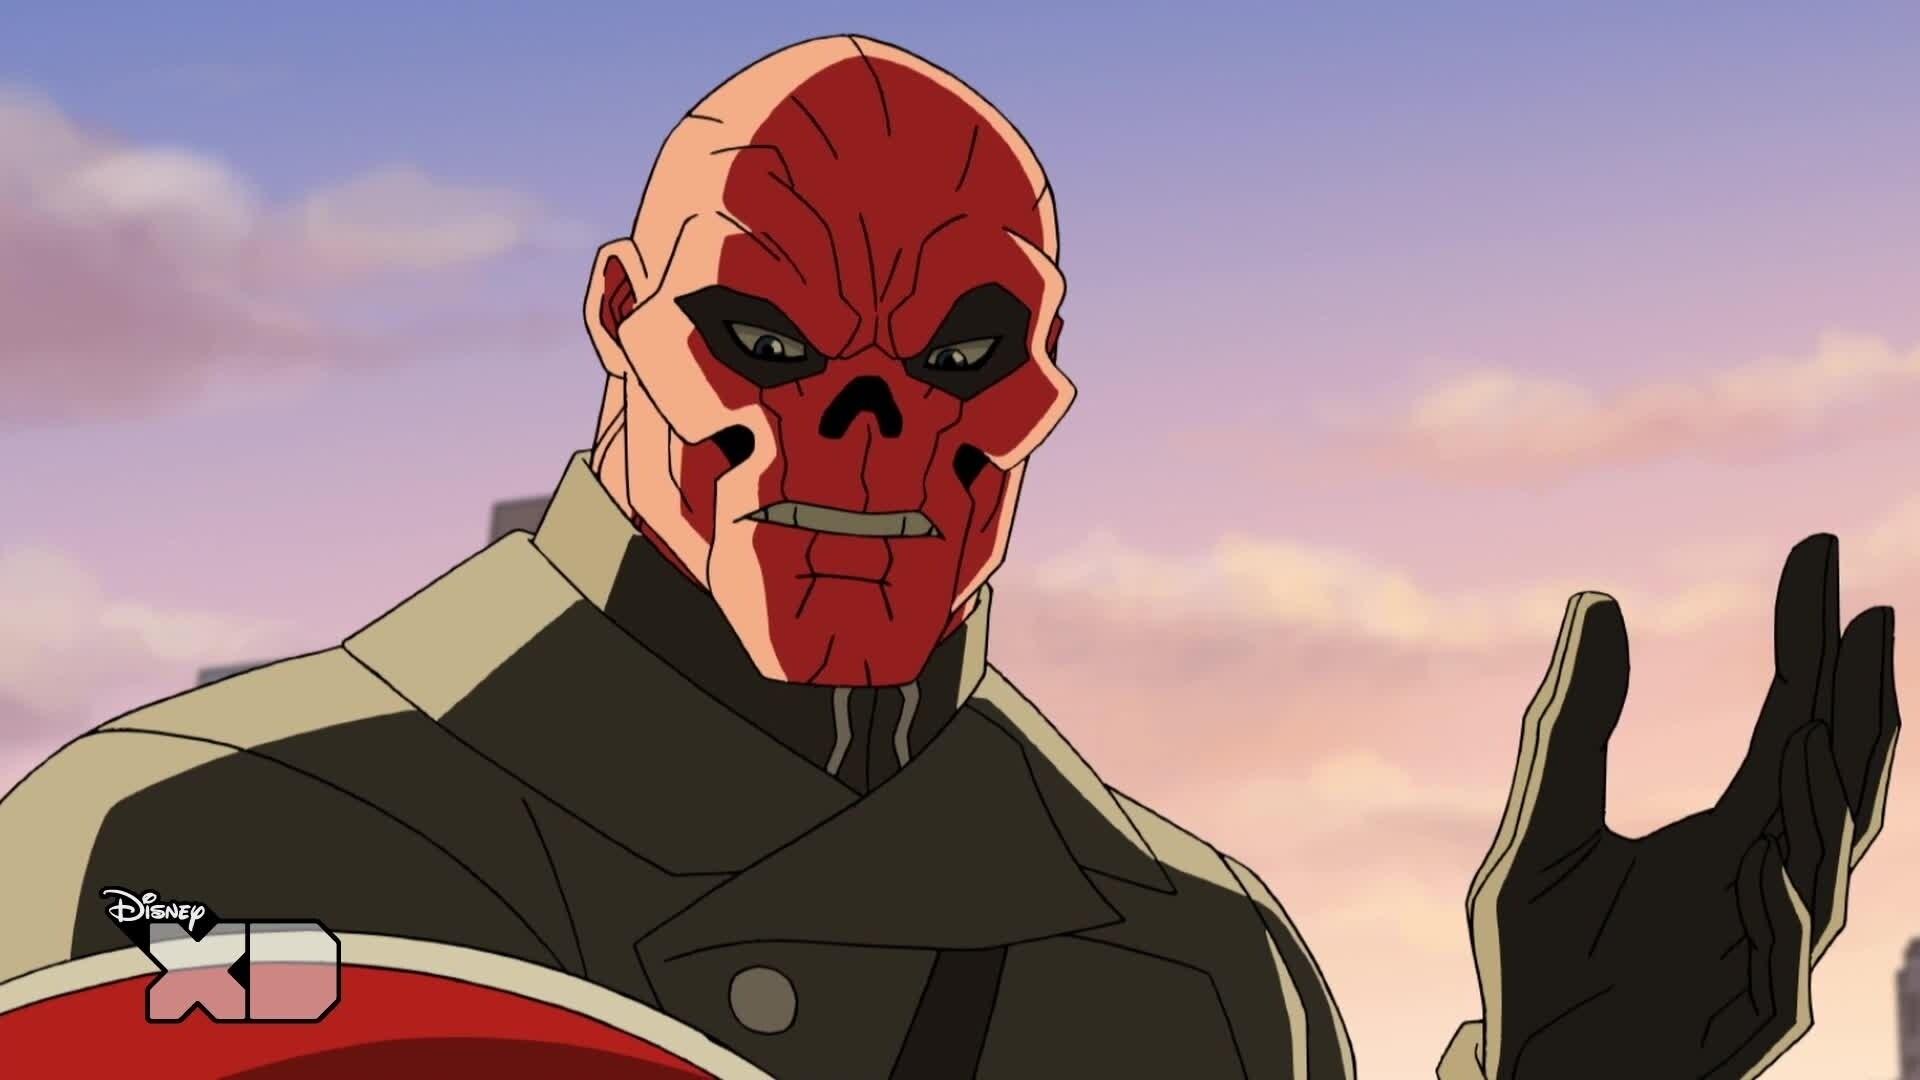 Marvel Avengers Rassemblement - Saison 1 Épisode 1 - Premières minutes